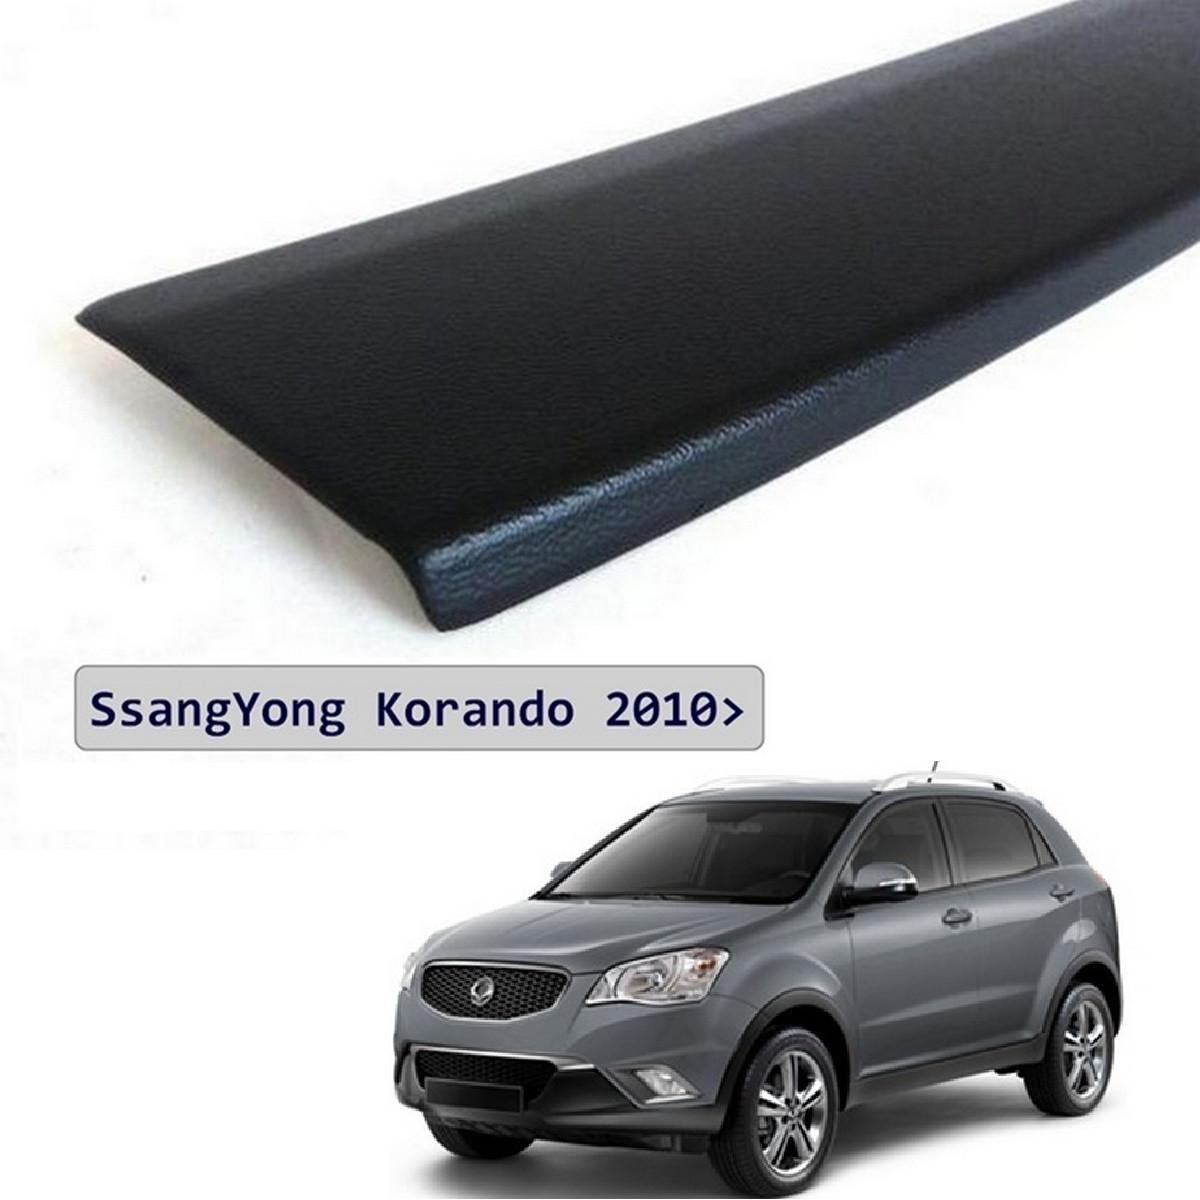 Пластиковая защитная накладка заднего бампера для SsangYong Korando 2010-2017